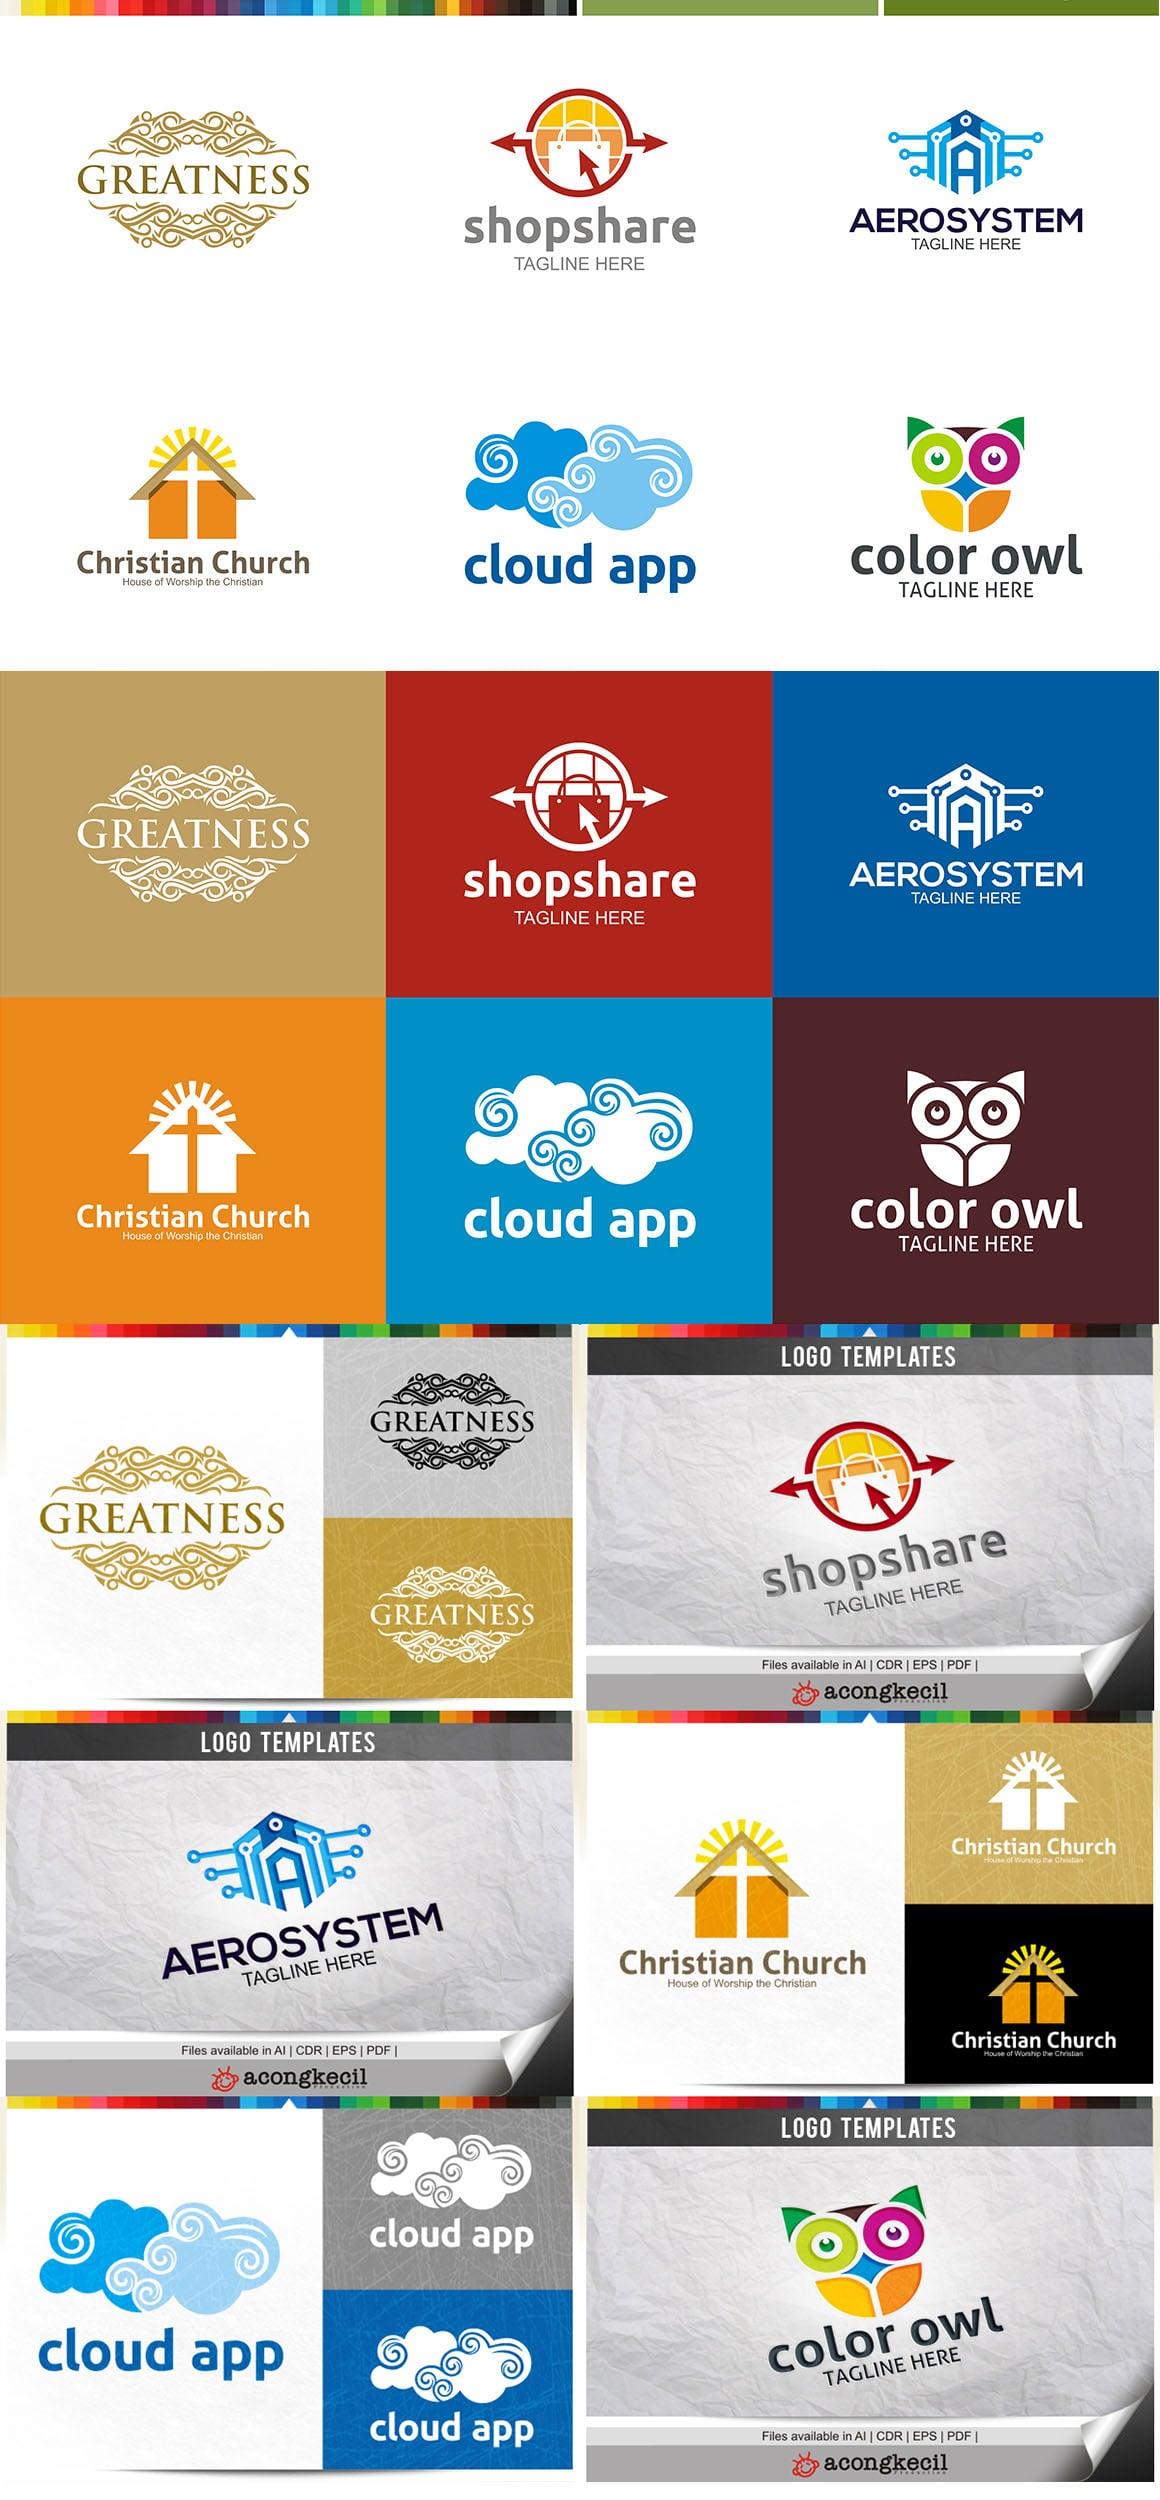 446 Business Logo Bundle - 99%+ OFF - Bundle 02 Preview5a